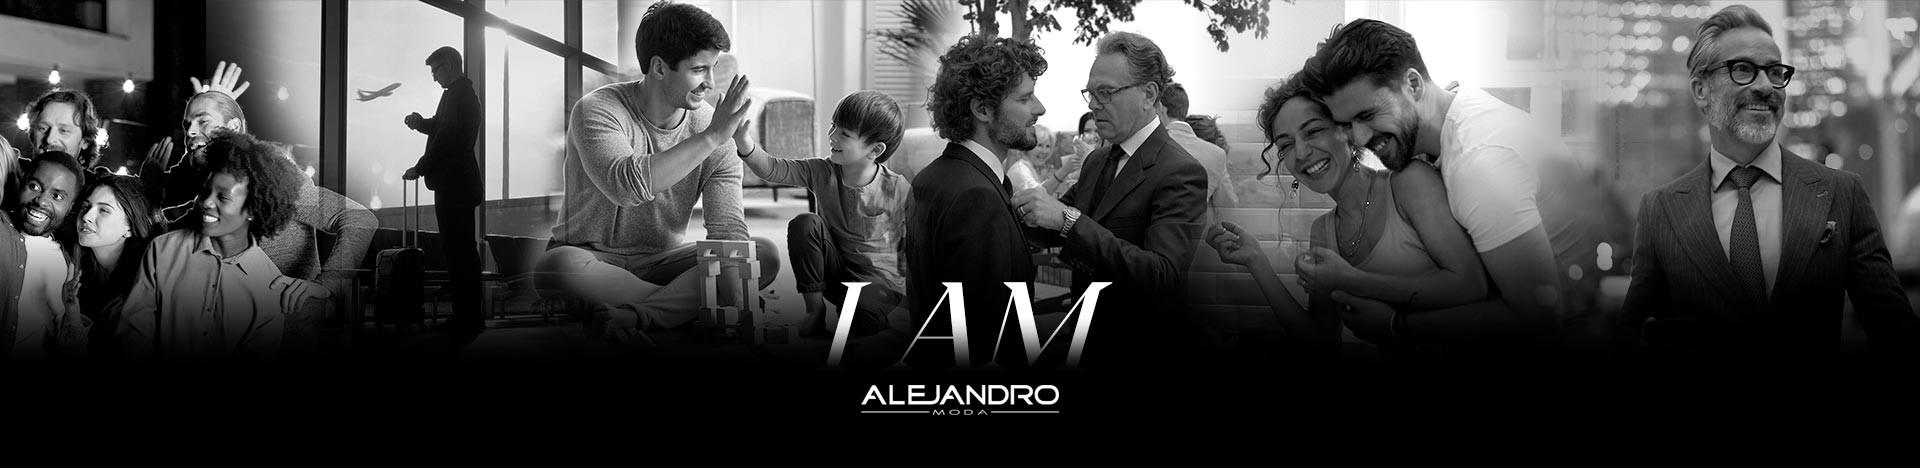 I AM ALEJANDRO